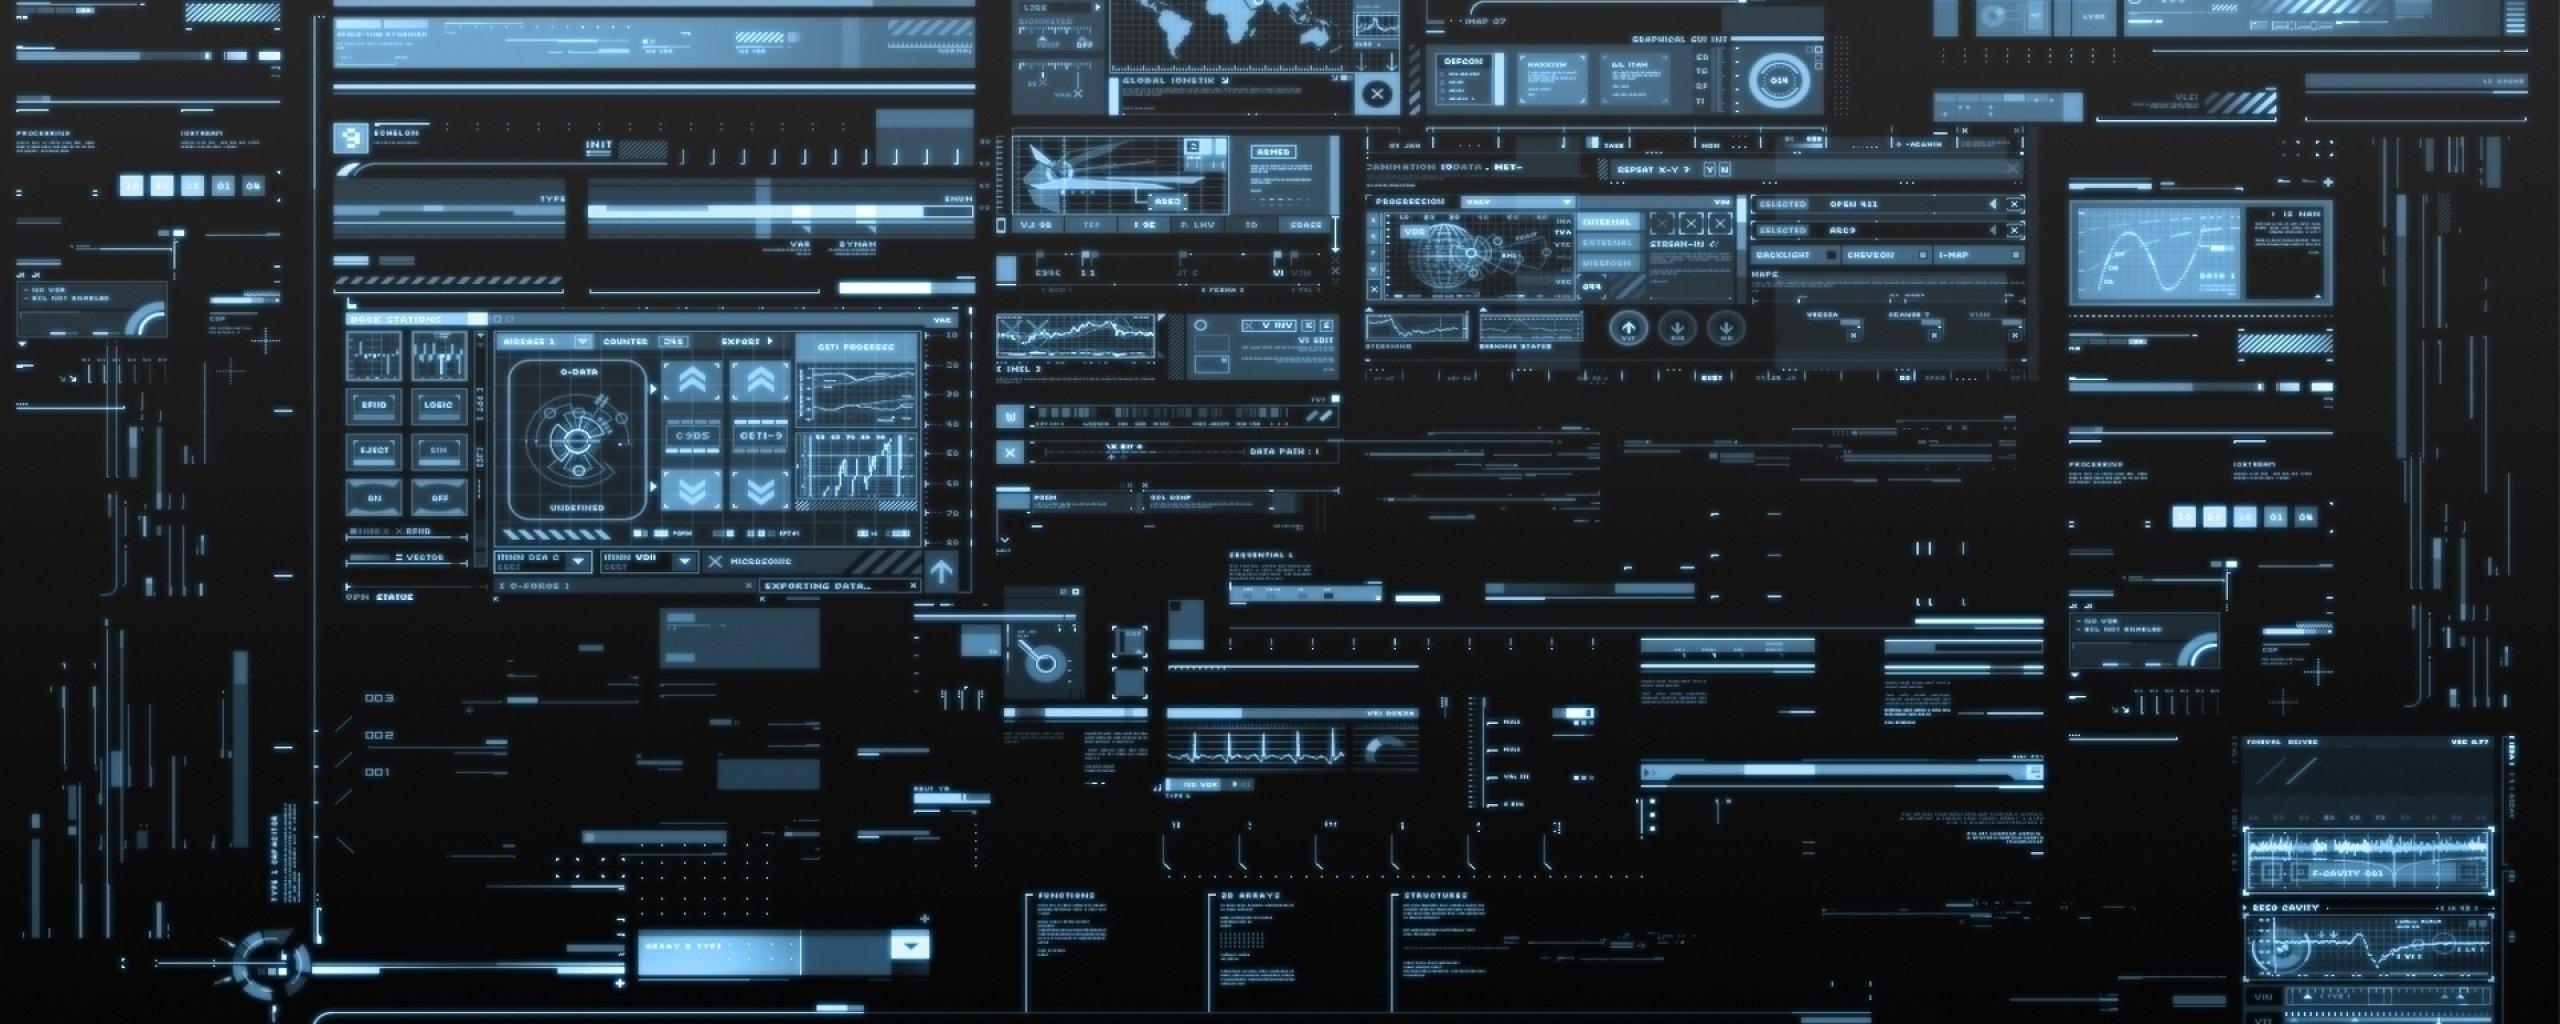 Multi monitor dual screen widescreen wallpaper | 2560x1024 | 830231 | WallpaperUP